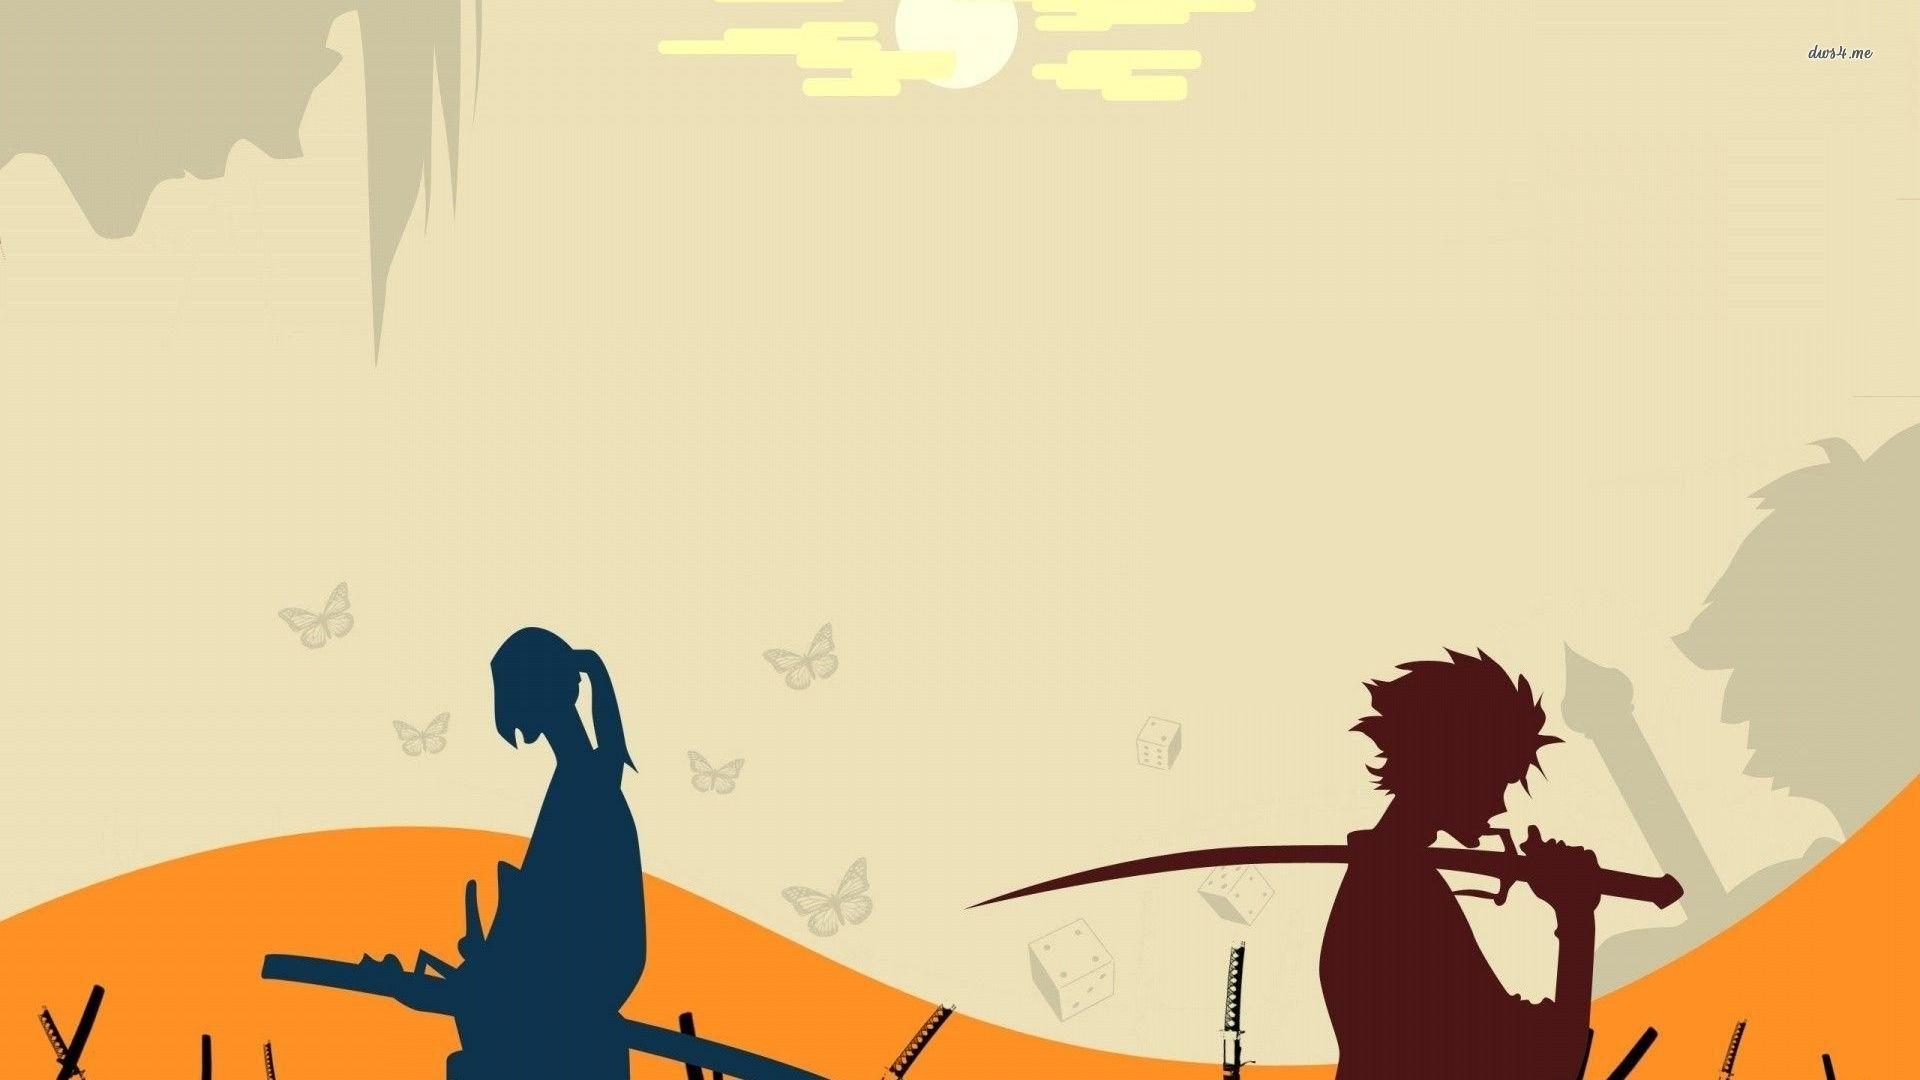 samurai champloo 457966 - walldevil